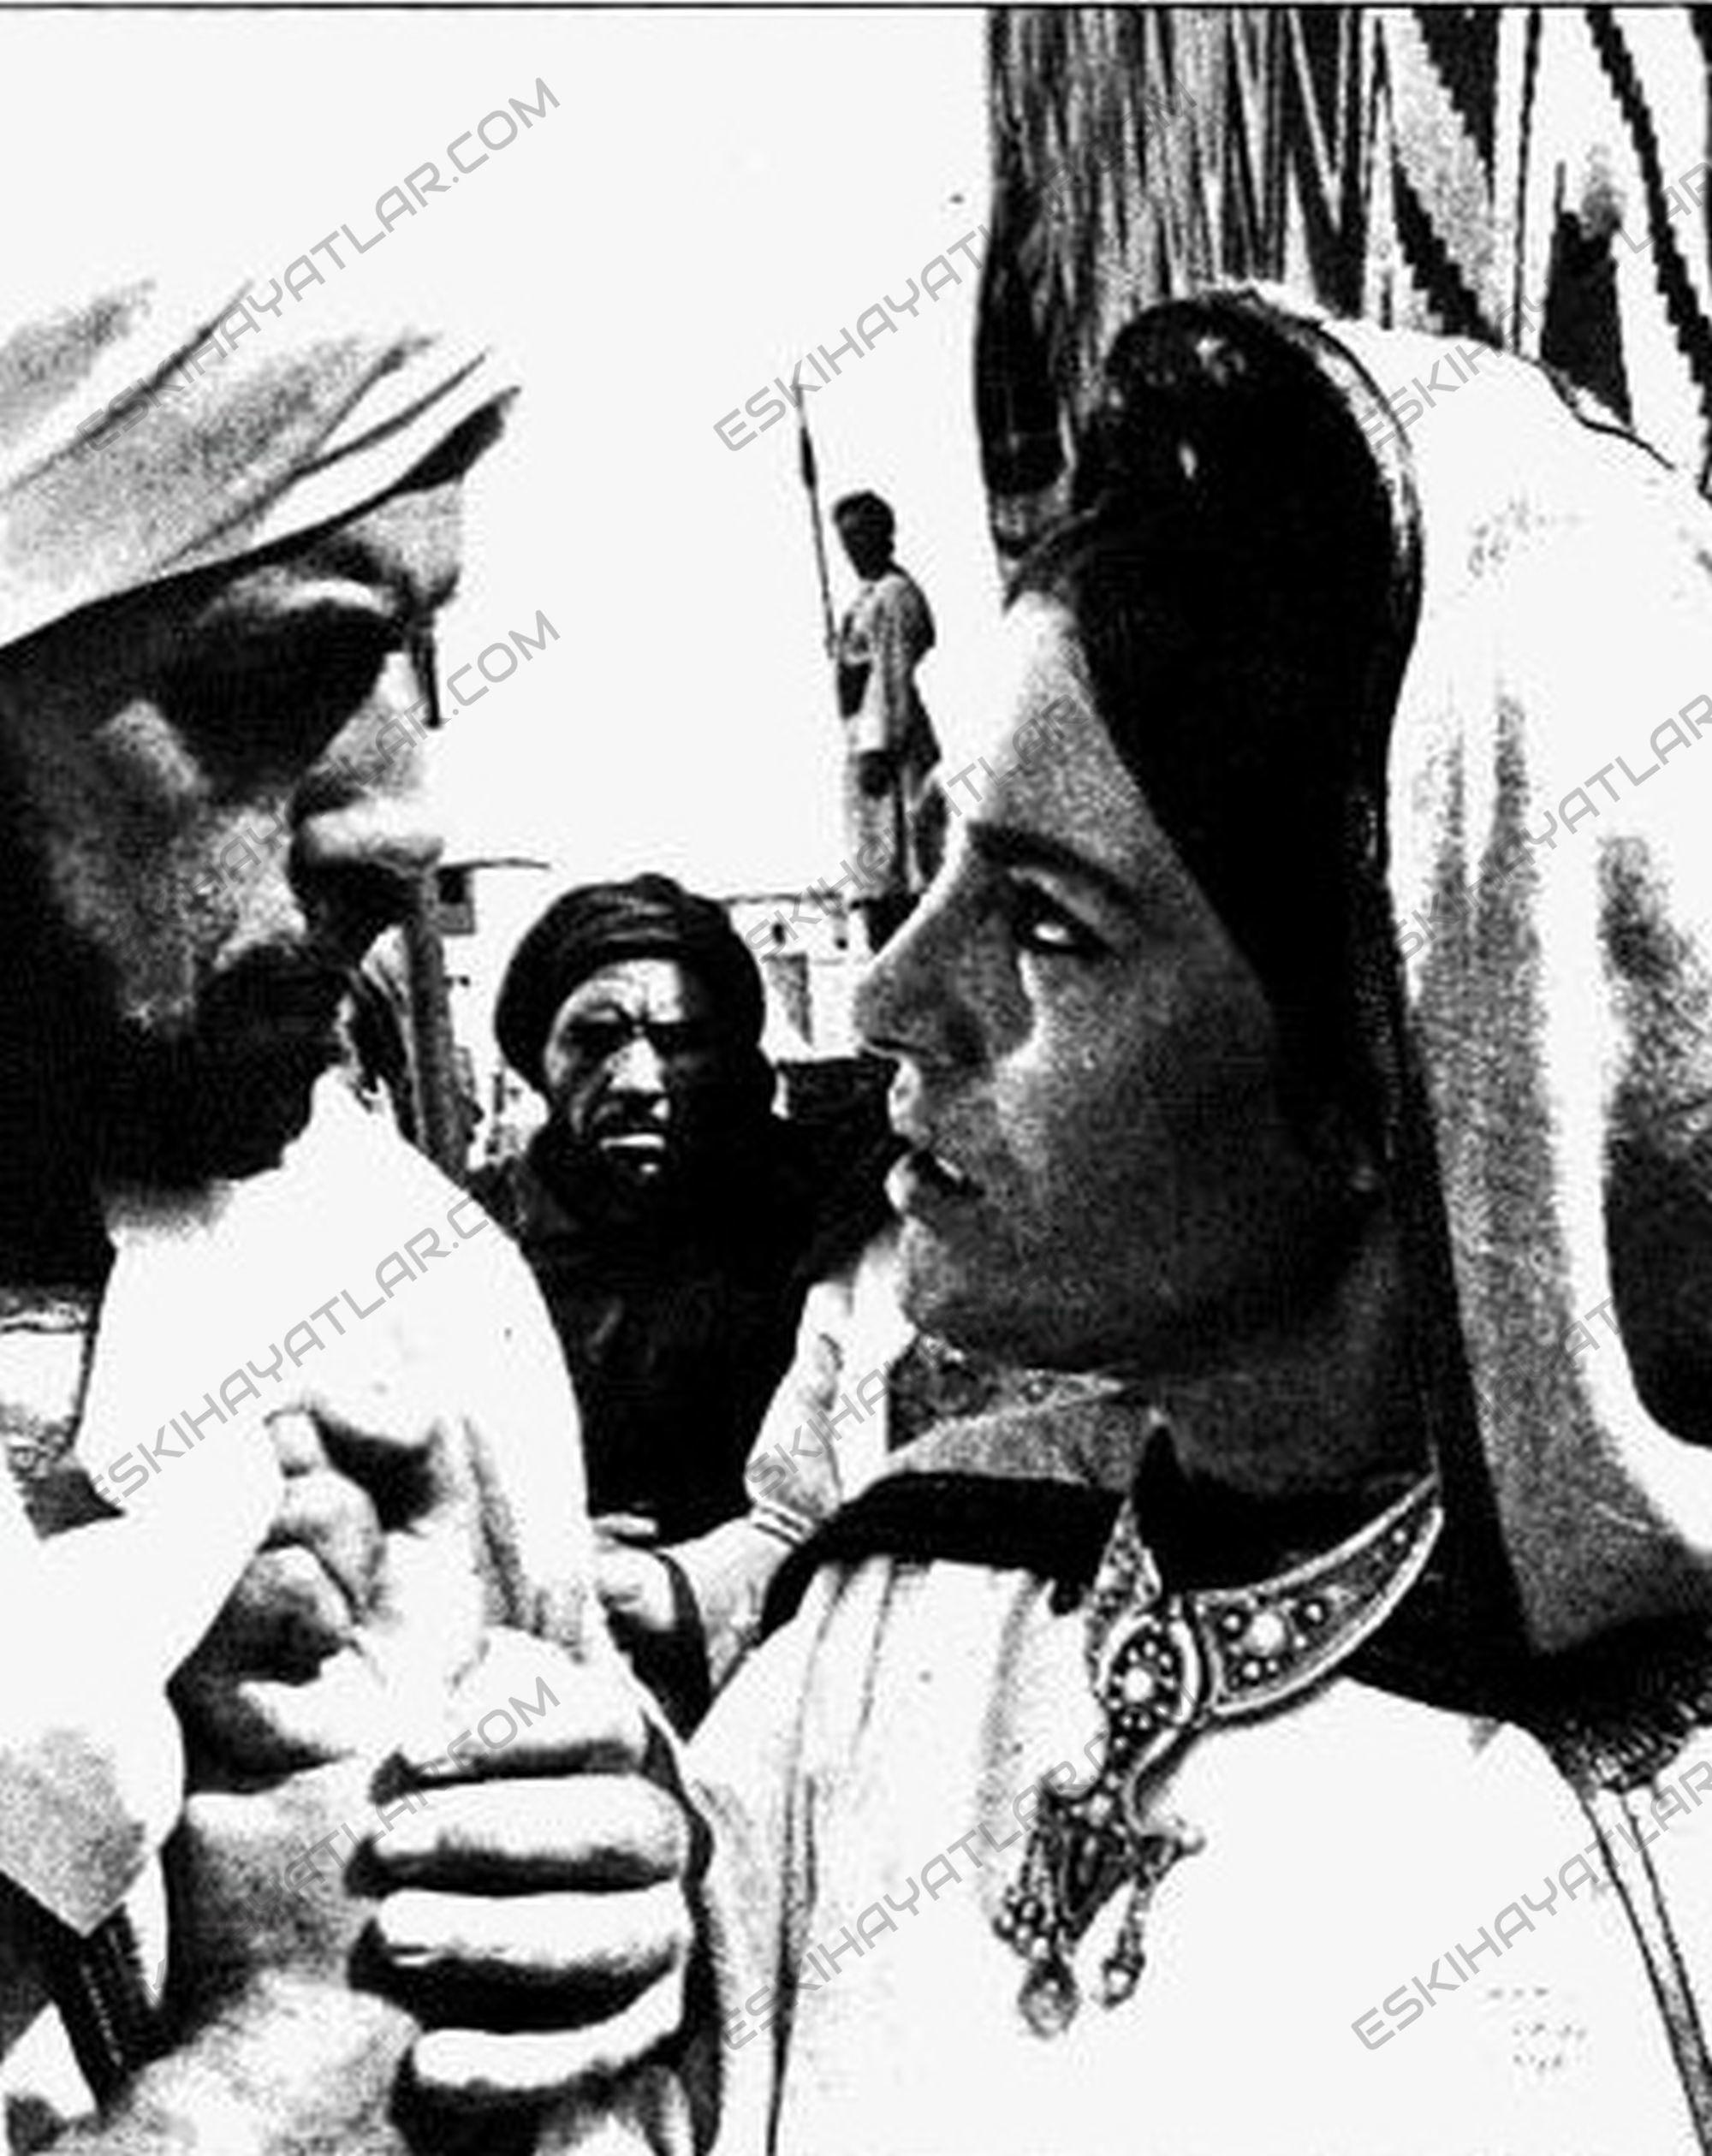 mesaj-filmi-hazreti-muhammed-filmi-1975- (4) (1)